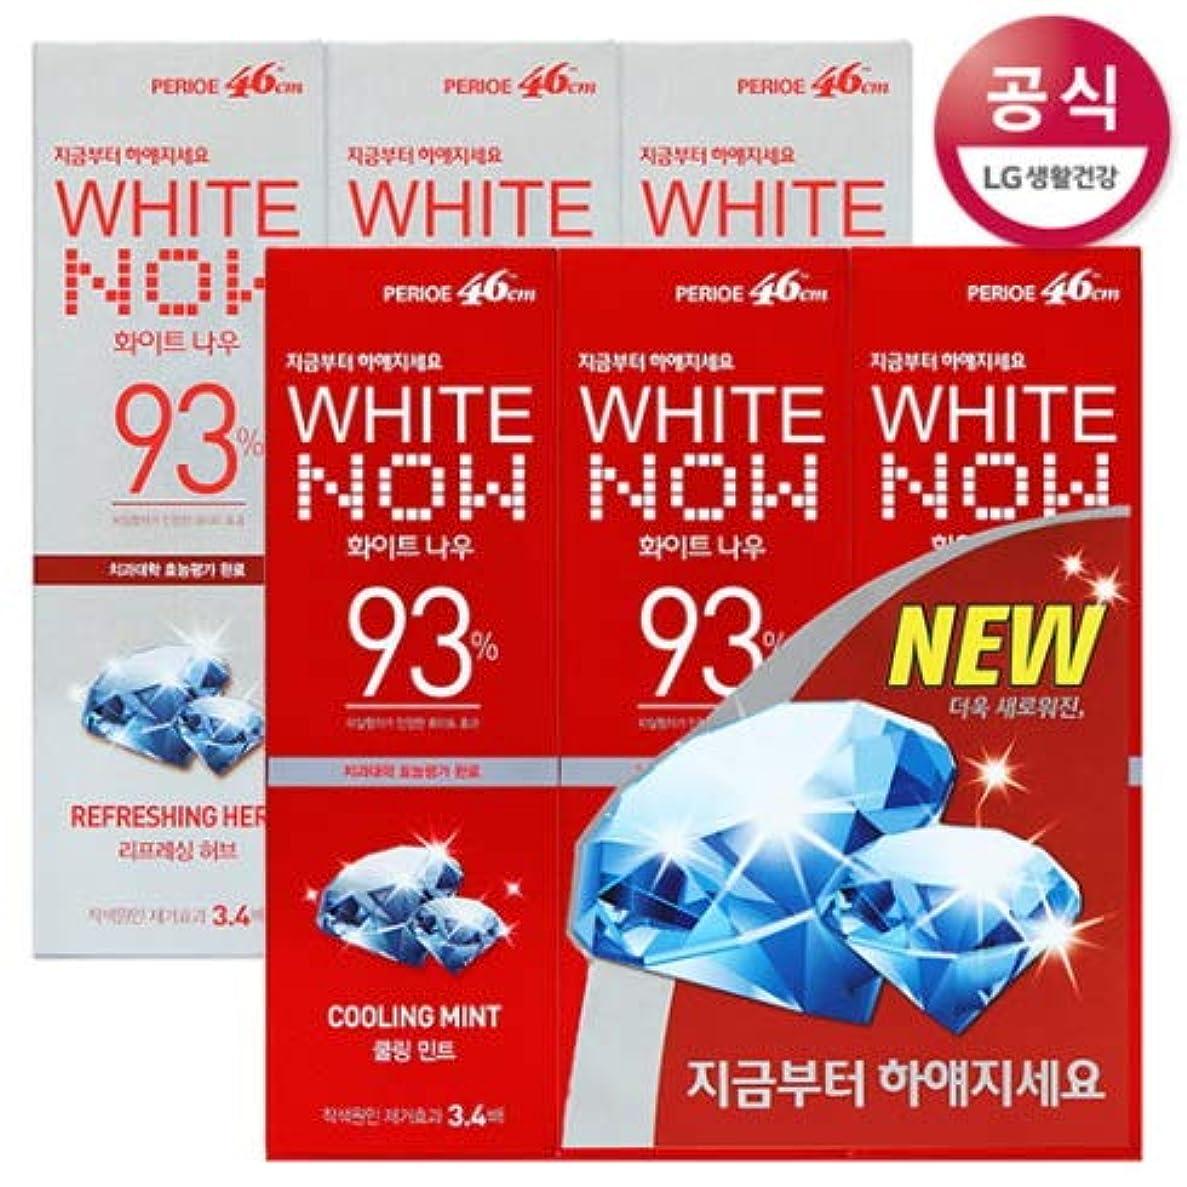 ズームインする切手ラジエーター[LG HnB] Perio White Nau Toothpaste/ペリオホワイトナウ歯磨き粉 100gx6個(海外直送品)